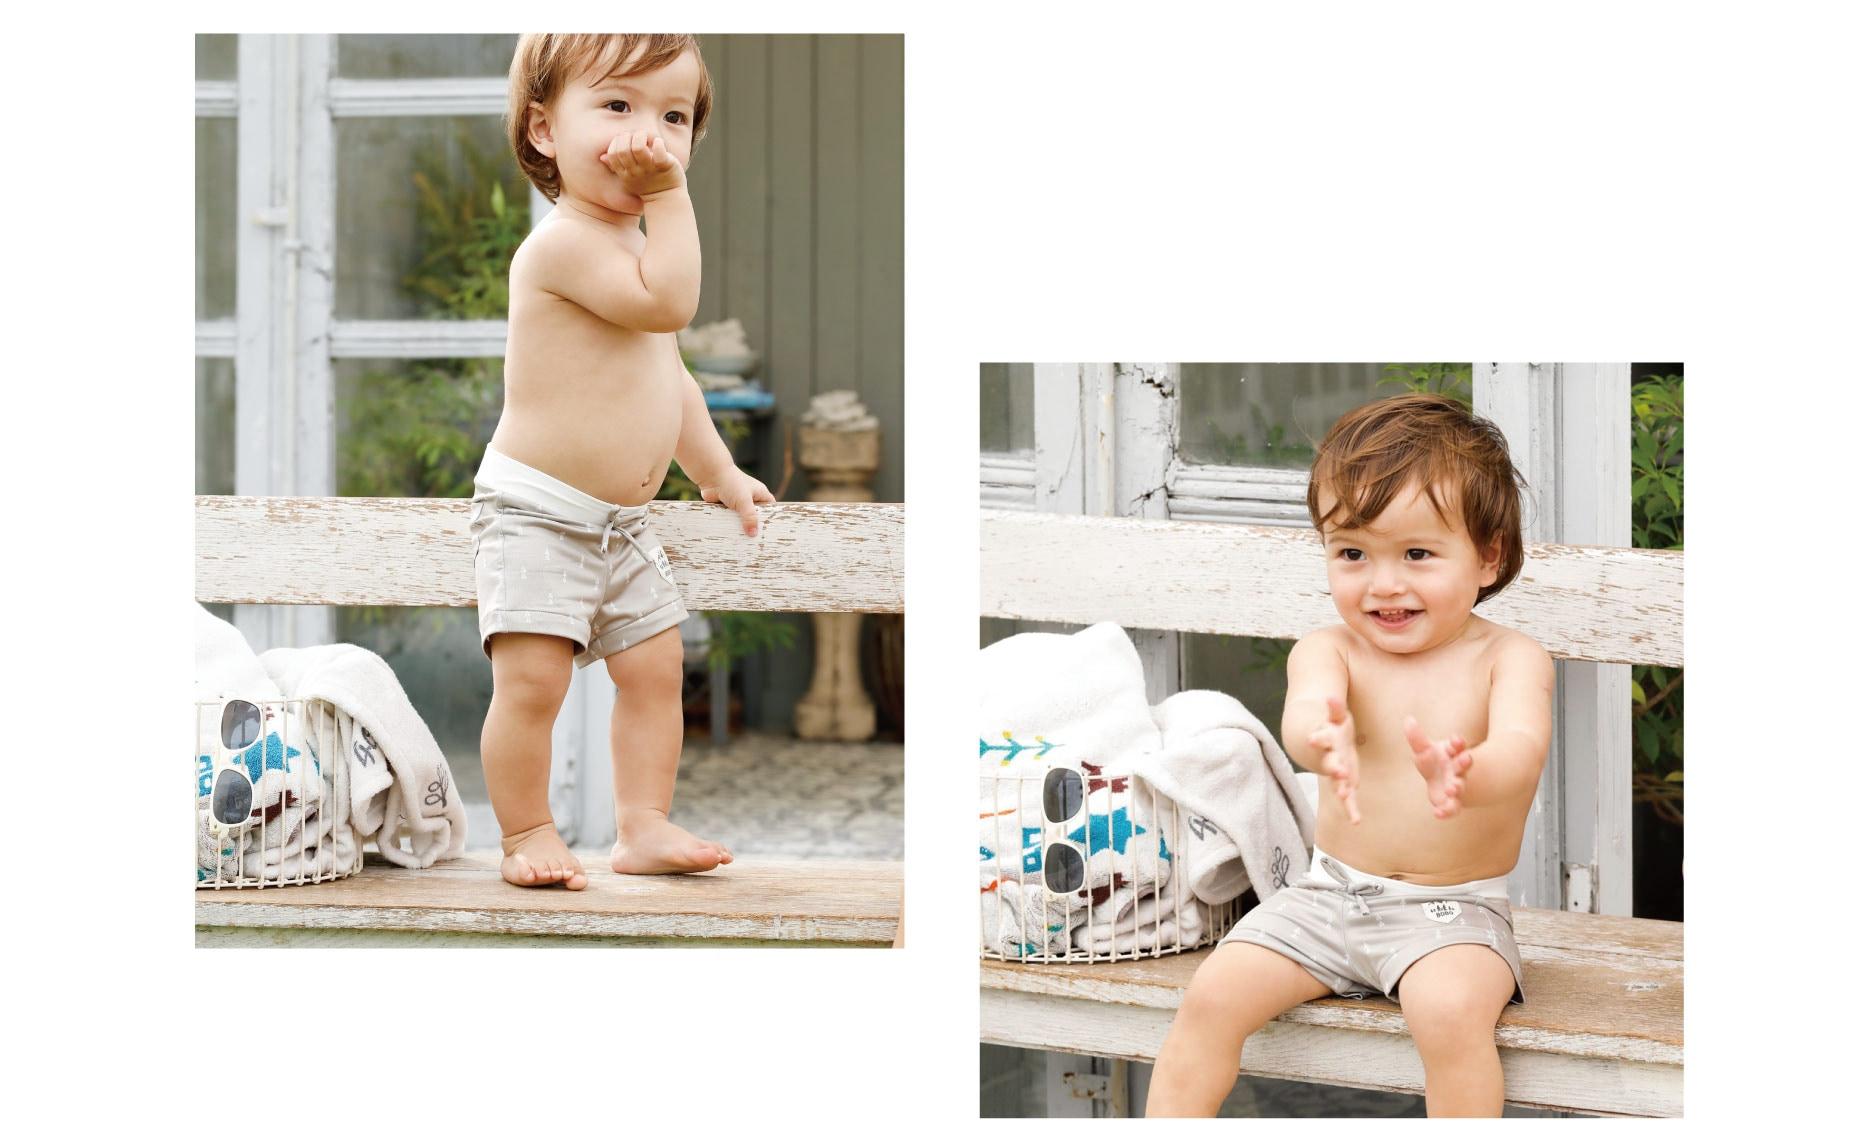 男の子ベビーのスイムウェア、水着、ラッシュガード、帽子